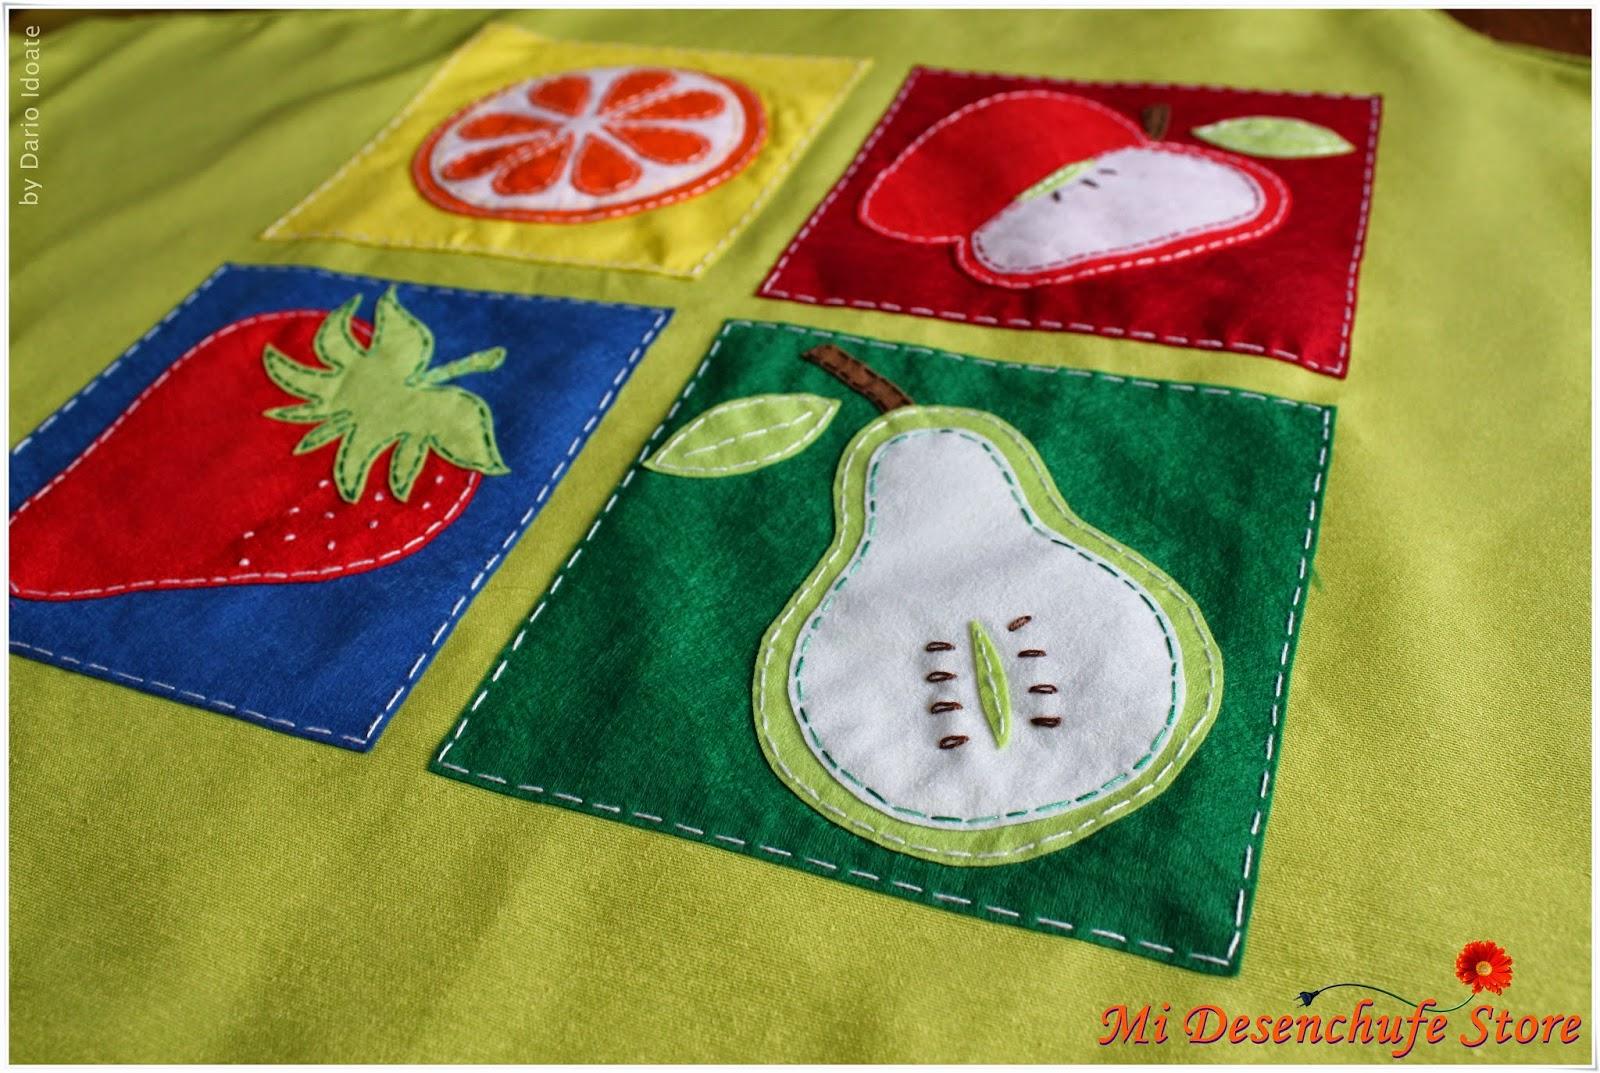 Mi desenchufe store delantal cocina va de frutas - Apliques de cocina ...